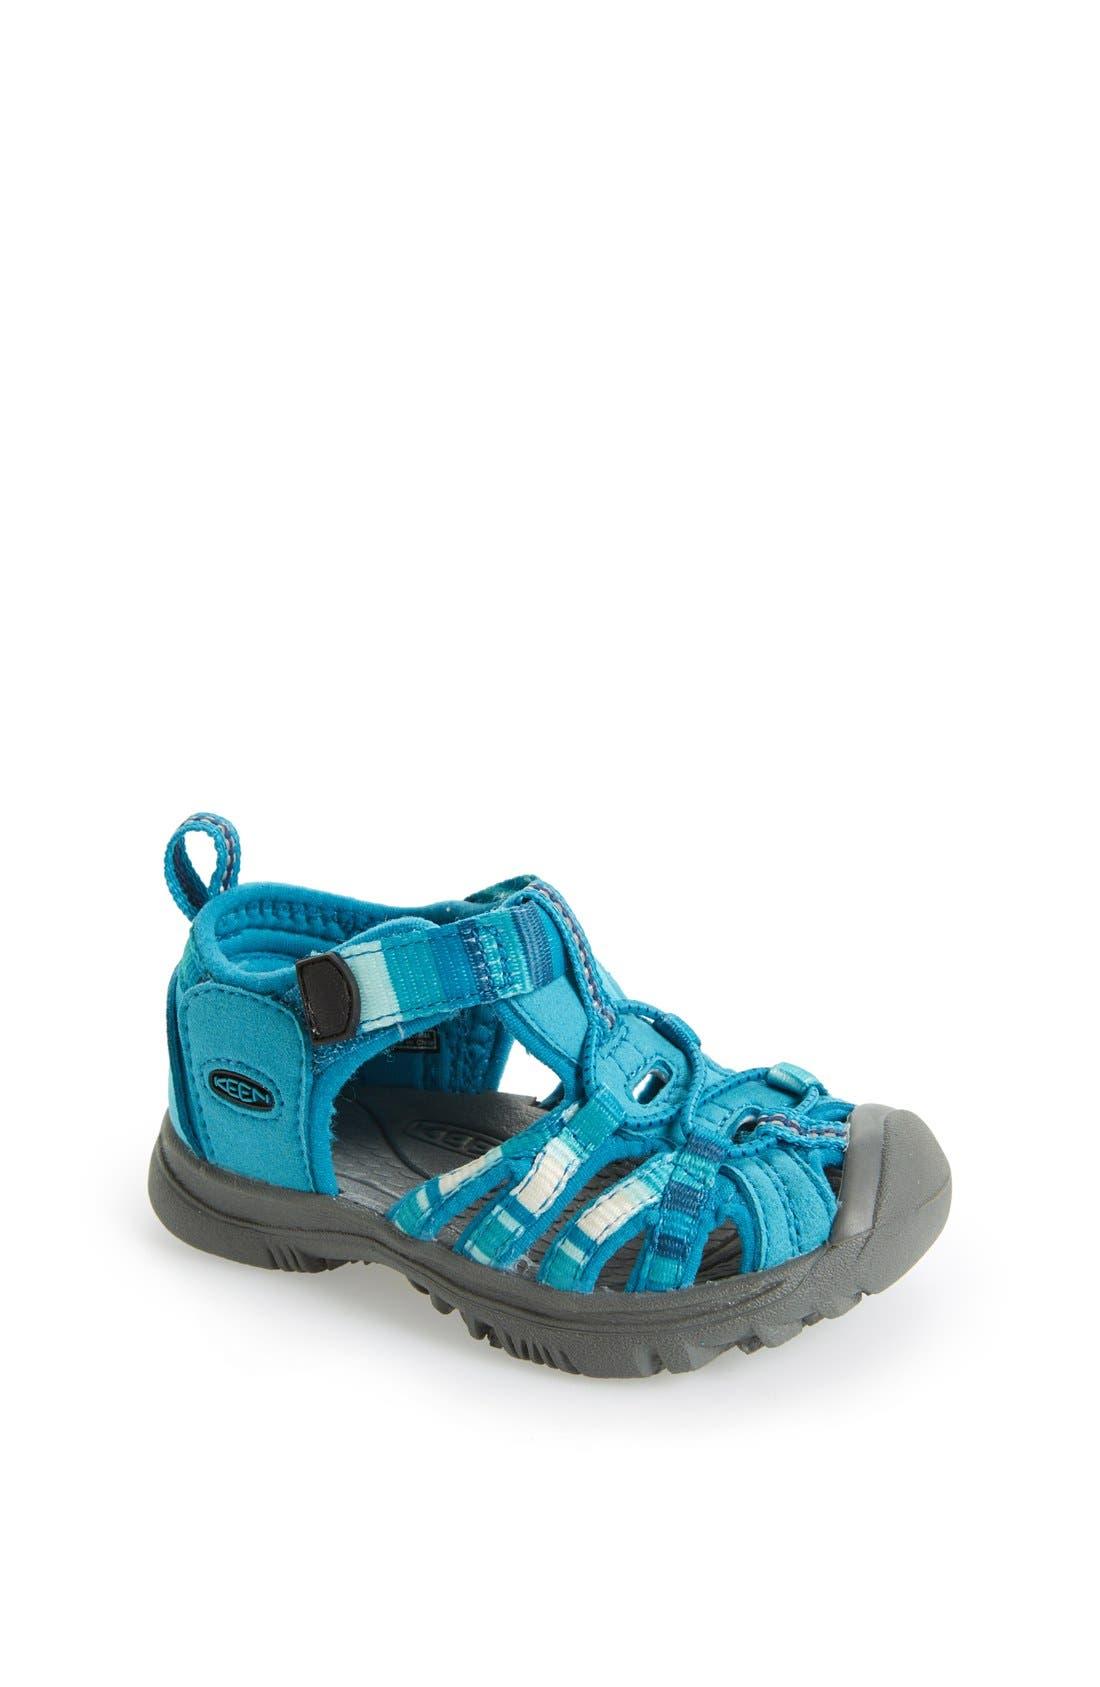 Alternate Image 1 Selected - Keen 'Whisper' Sandal (Baby & Walker)